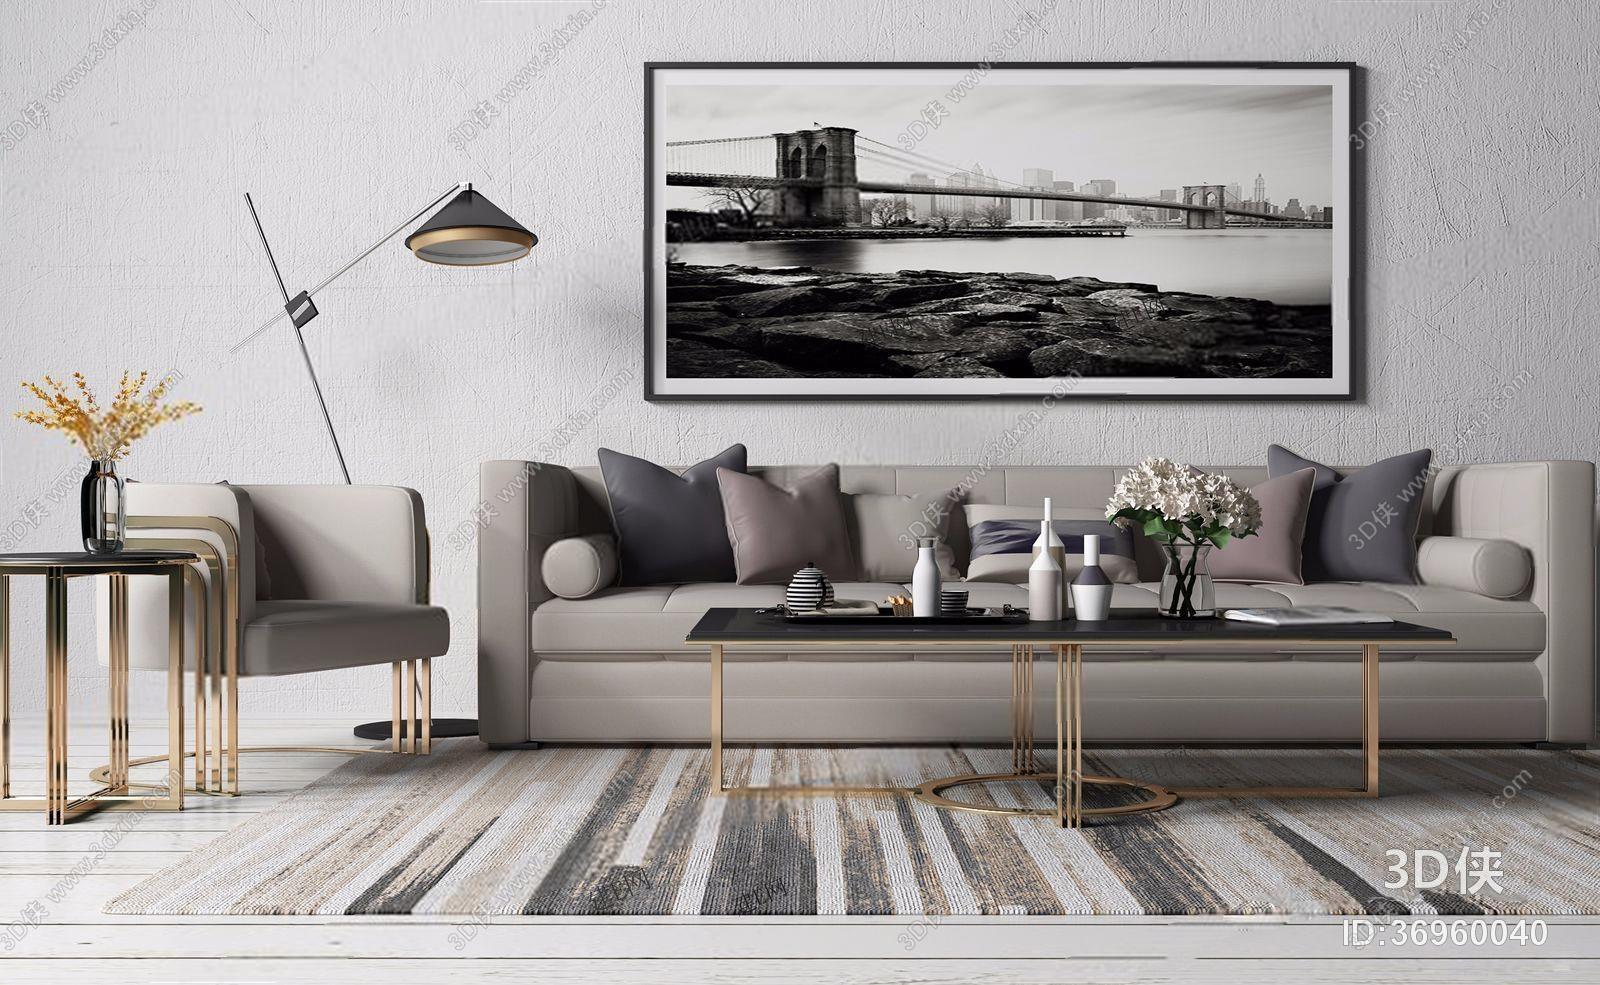 现代沙发组合 现代多人沙发 茶几 边几 单人椅 落地灯 挂画 现代沙发组合